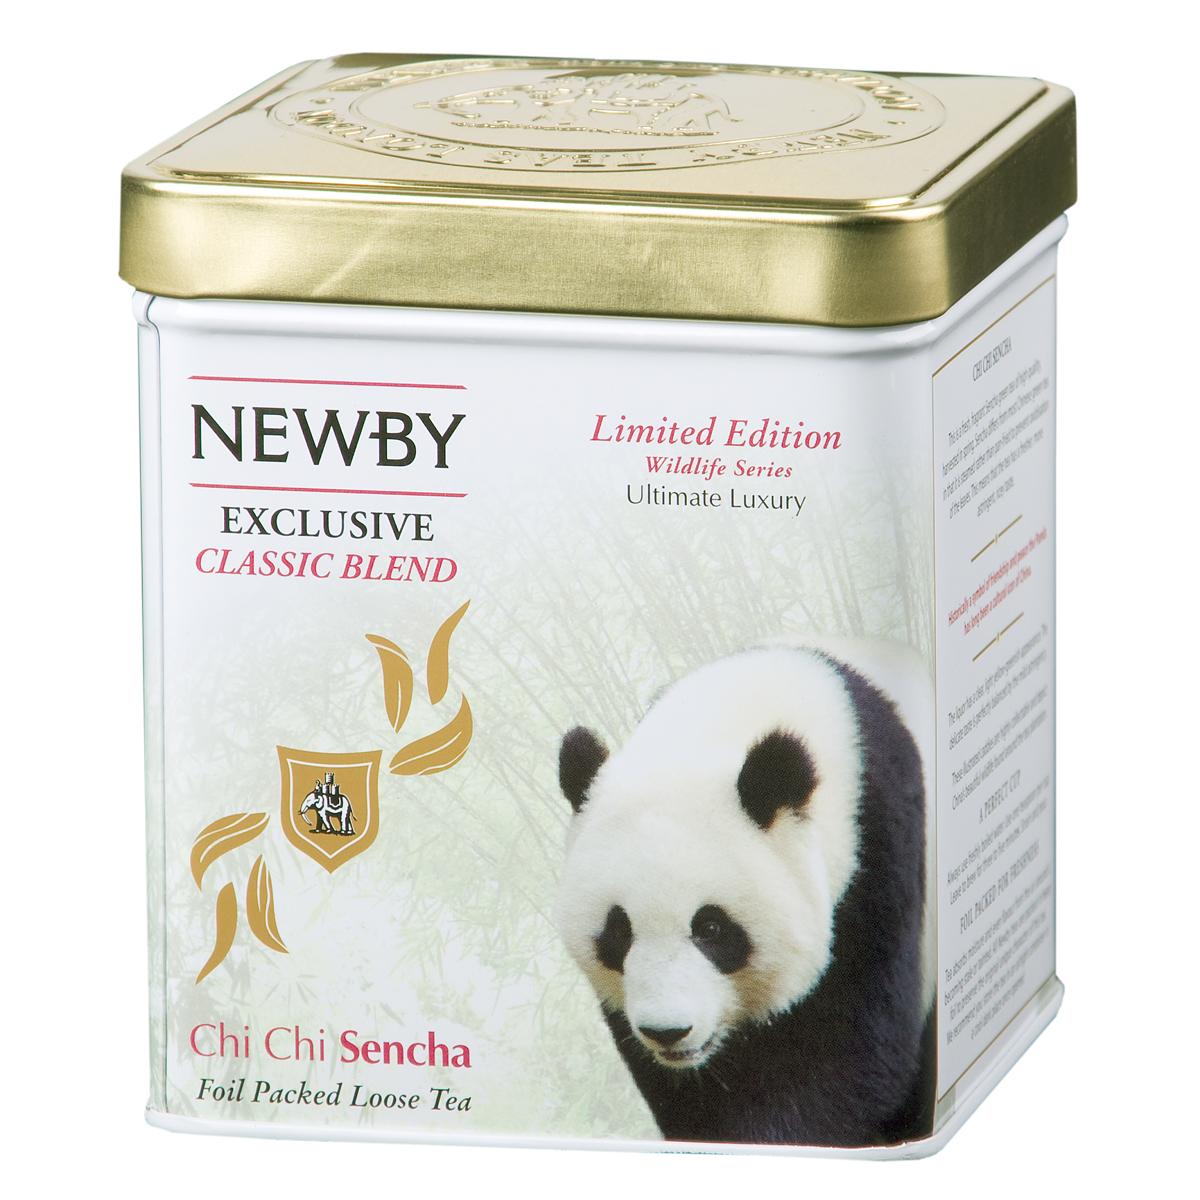 Newby Chi Chi Sencha зеленый листовой чай, 125 г131230Традиционный зеленый чай Newby Chi Chi Sencha весеннего сбора. Светлый настой со свежим рисовым ароматом. Панда Чи Чи - китайский символ мира и дружбы.Всё о чае: сорта, факты, советы по выбору и употреблению. Статья OZON Гид